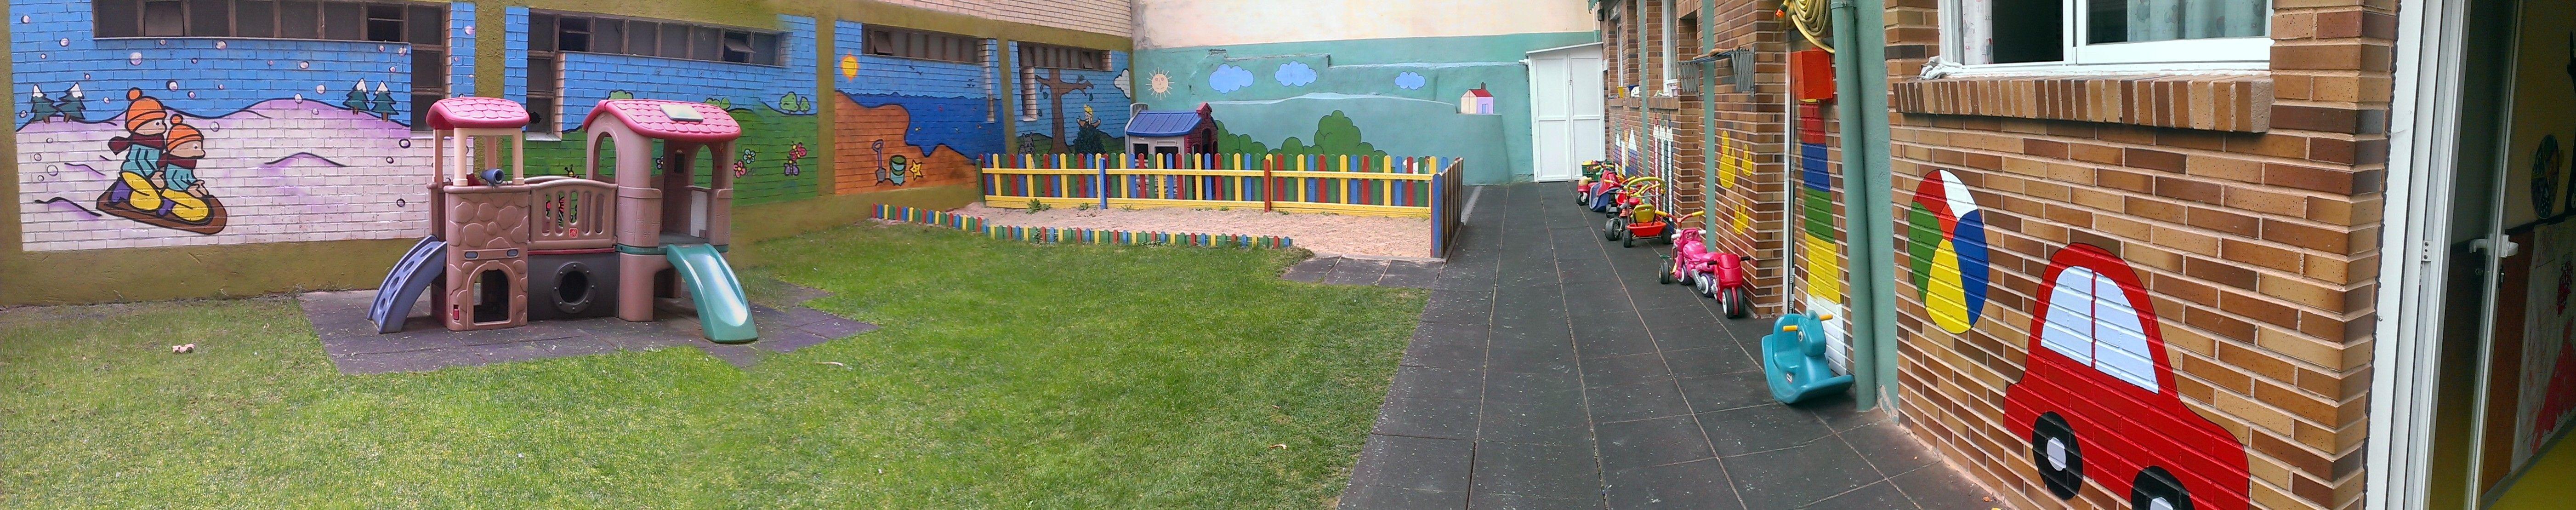 Foto 3 de Guarderías y Escuelas infantiles en Logroño | Centro de Educacion Infantil El Parque